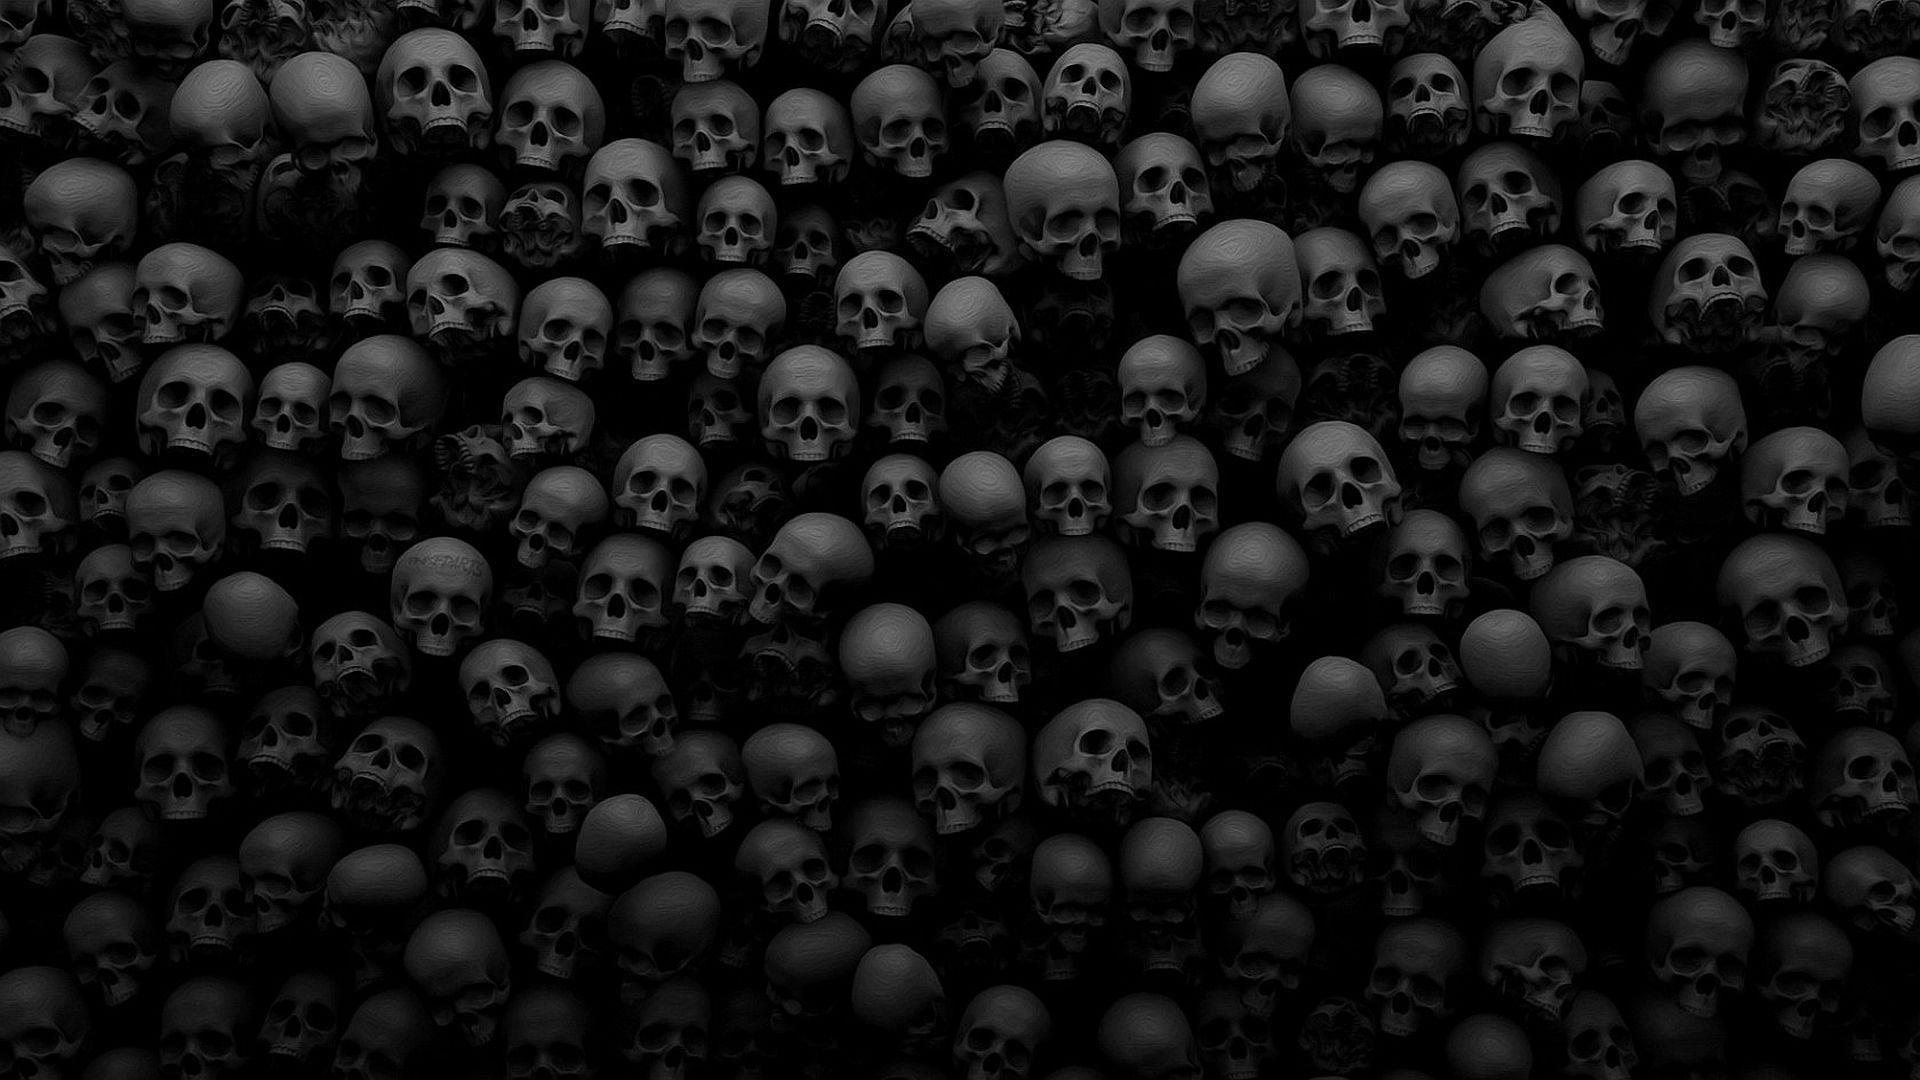 Skull Computer Wallpapers Desktop Backgrounds 1920x1080 Id 612706 Scary Wallpaper Black Skulls Wallpaper Skull Wallpaper